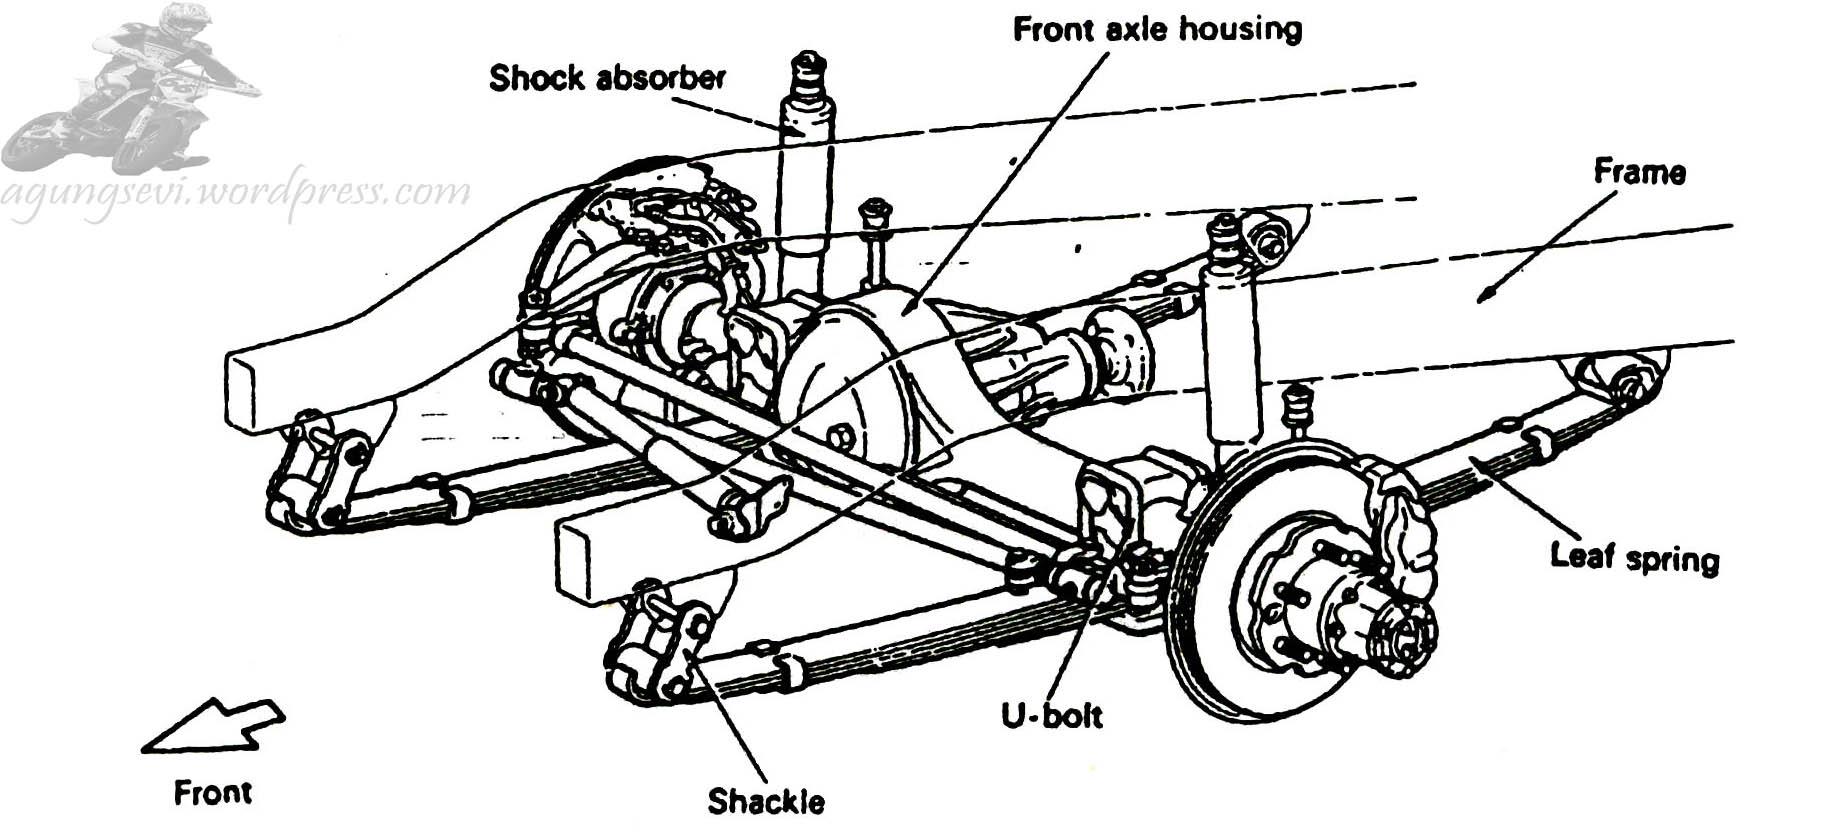 Info Otomotif & Teknik Mesin: Tipe-tipe Suspensi Kendaraan